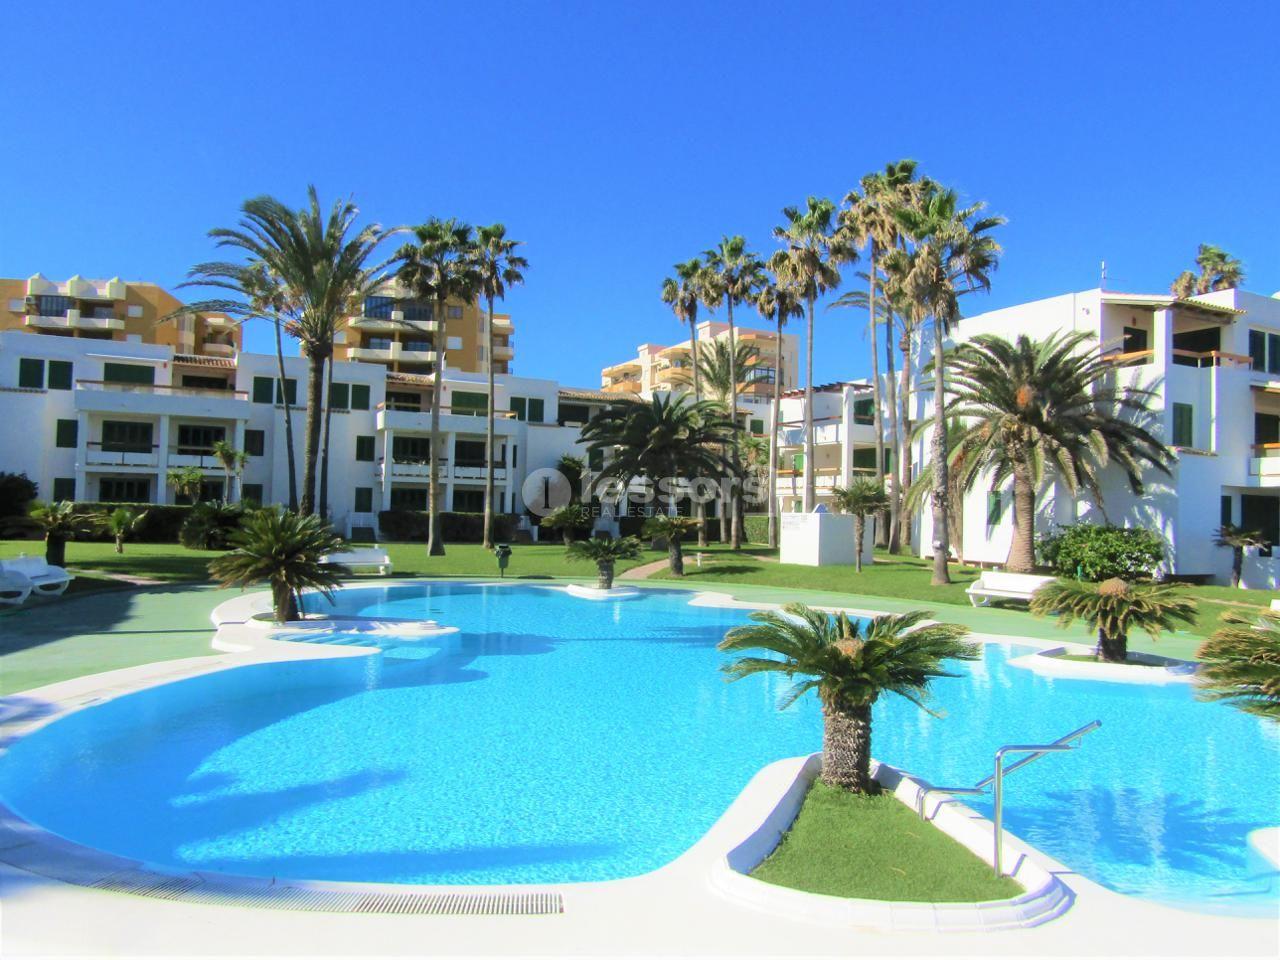 Lloguer Pis a Xeraco. Alquiler anual. residencial privado con piscina y primera linea